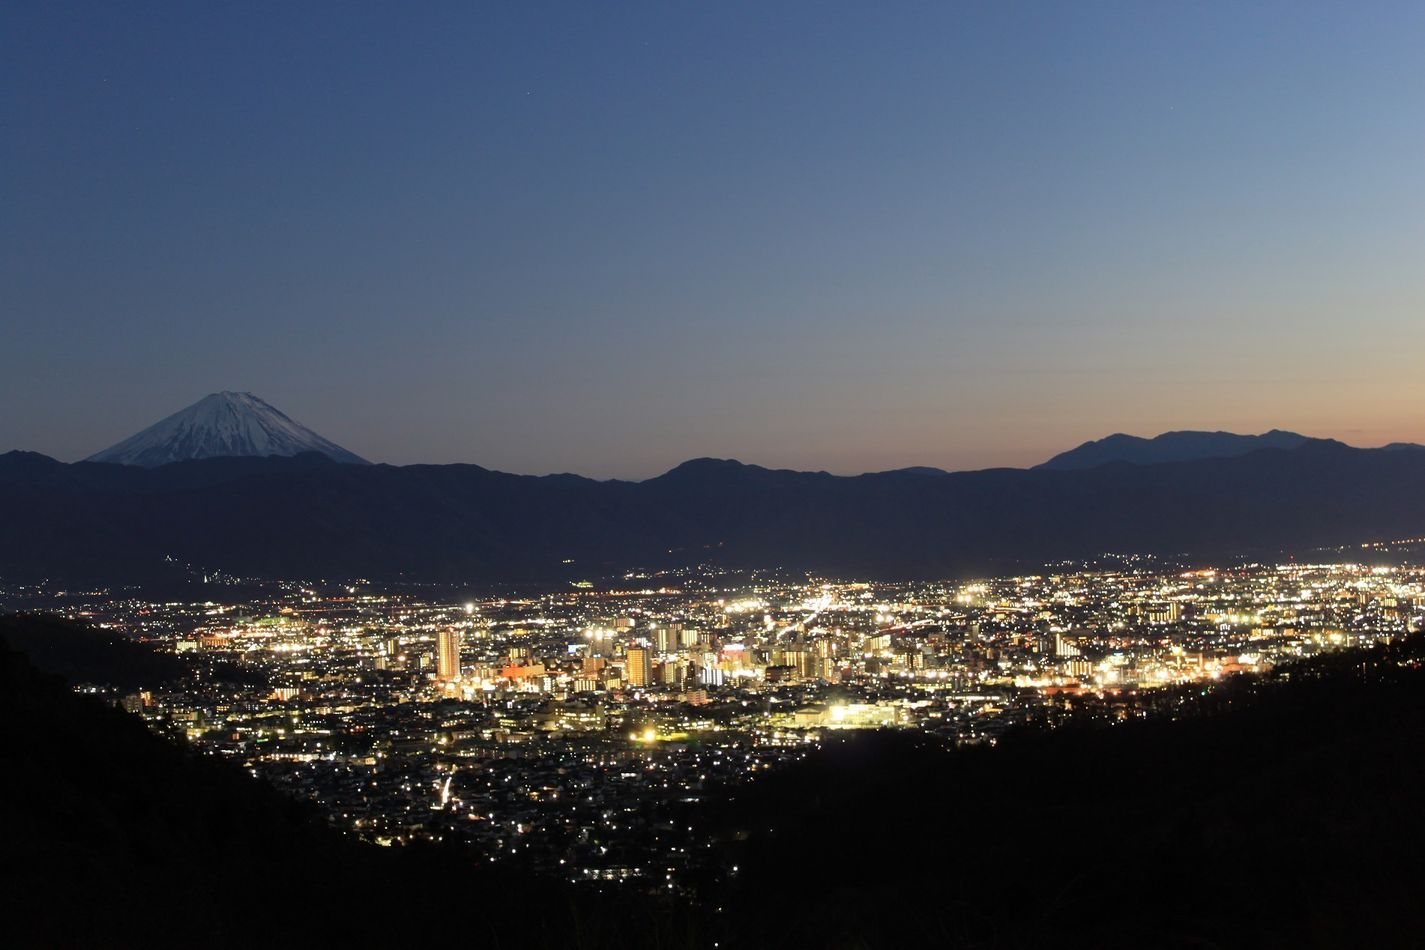 絶景スポット!写真愛好家を魅了する夜景(山梨県) | JAPAN TIMELINE ...